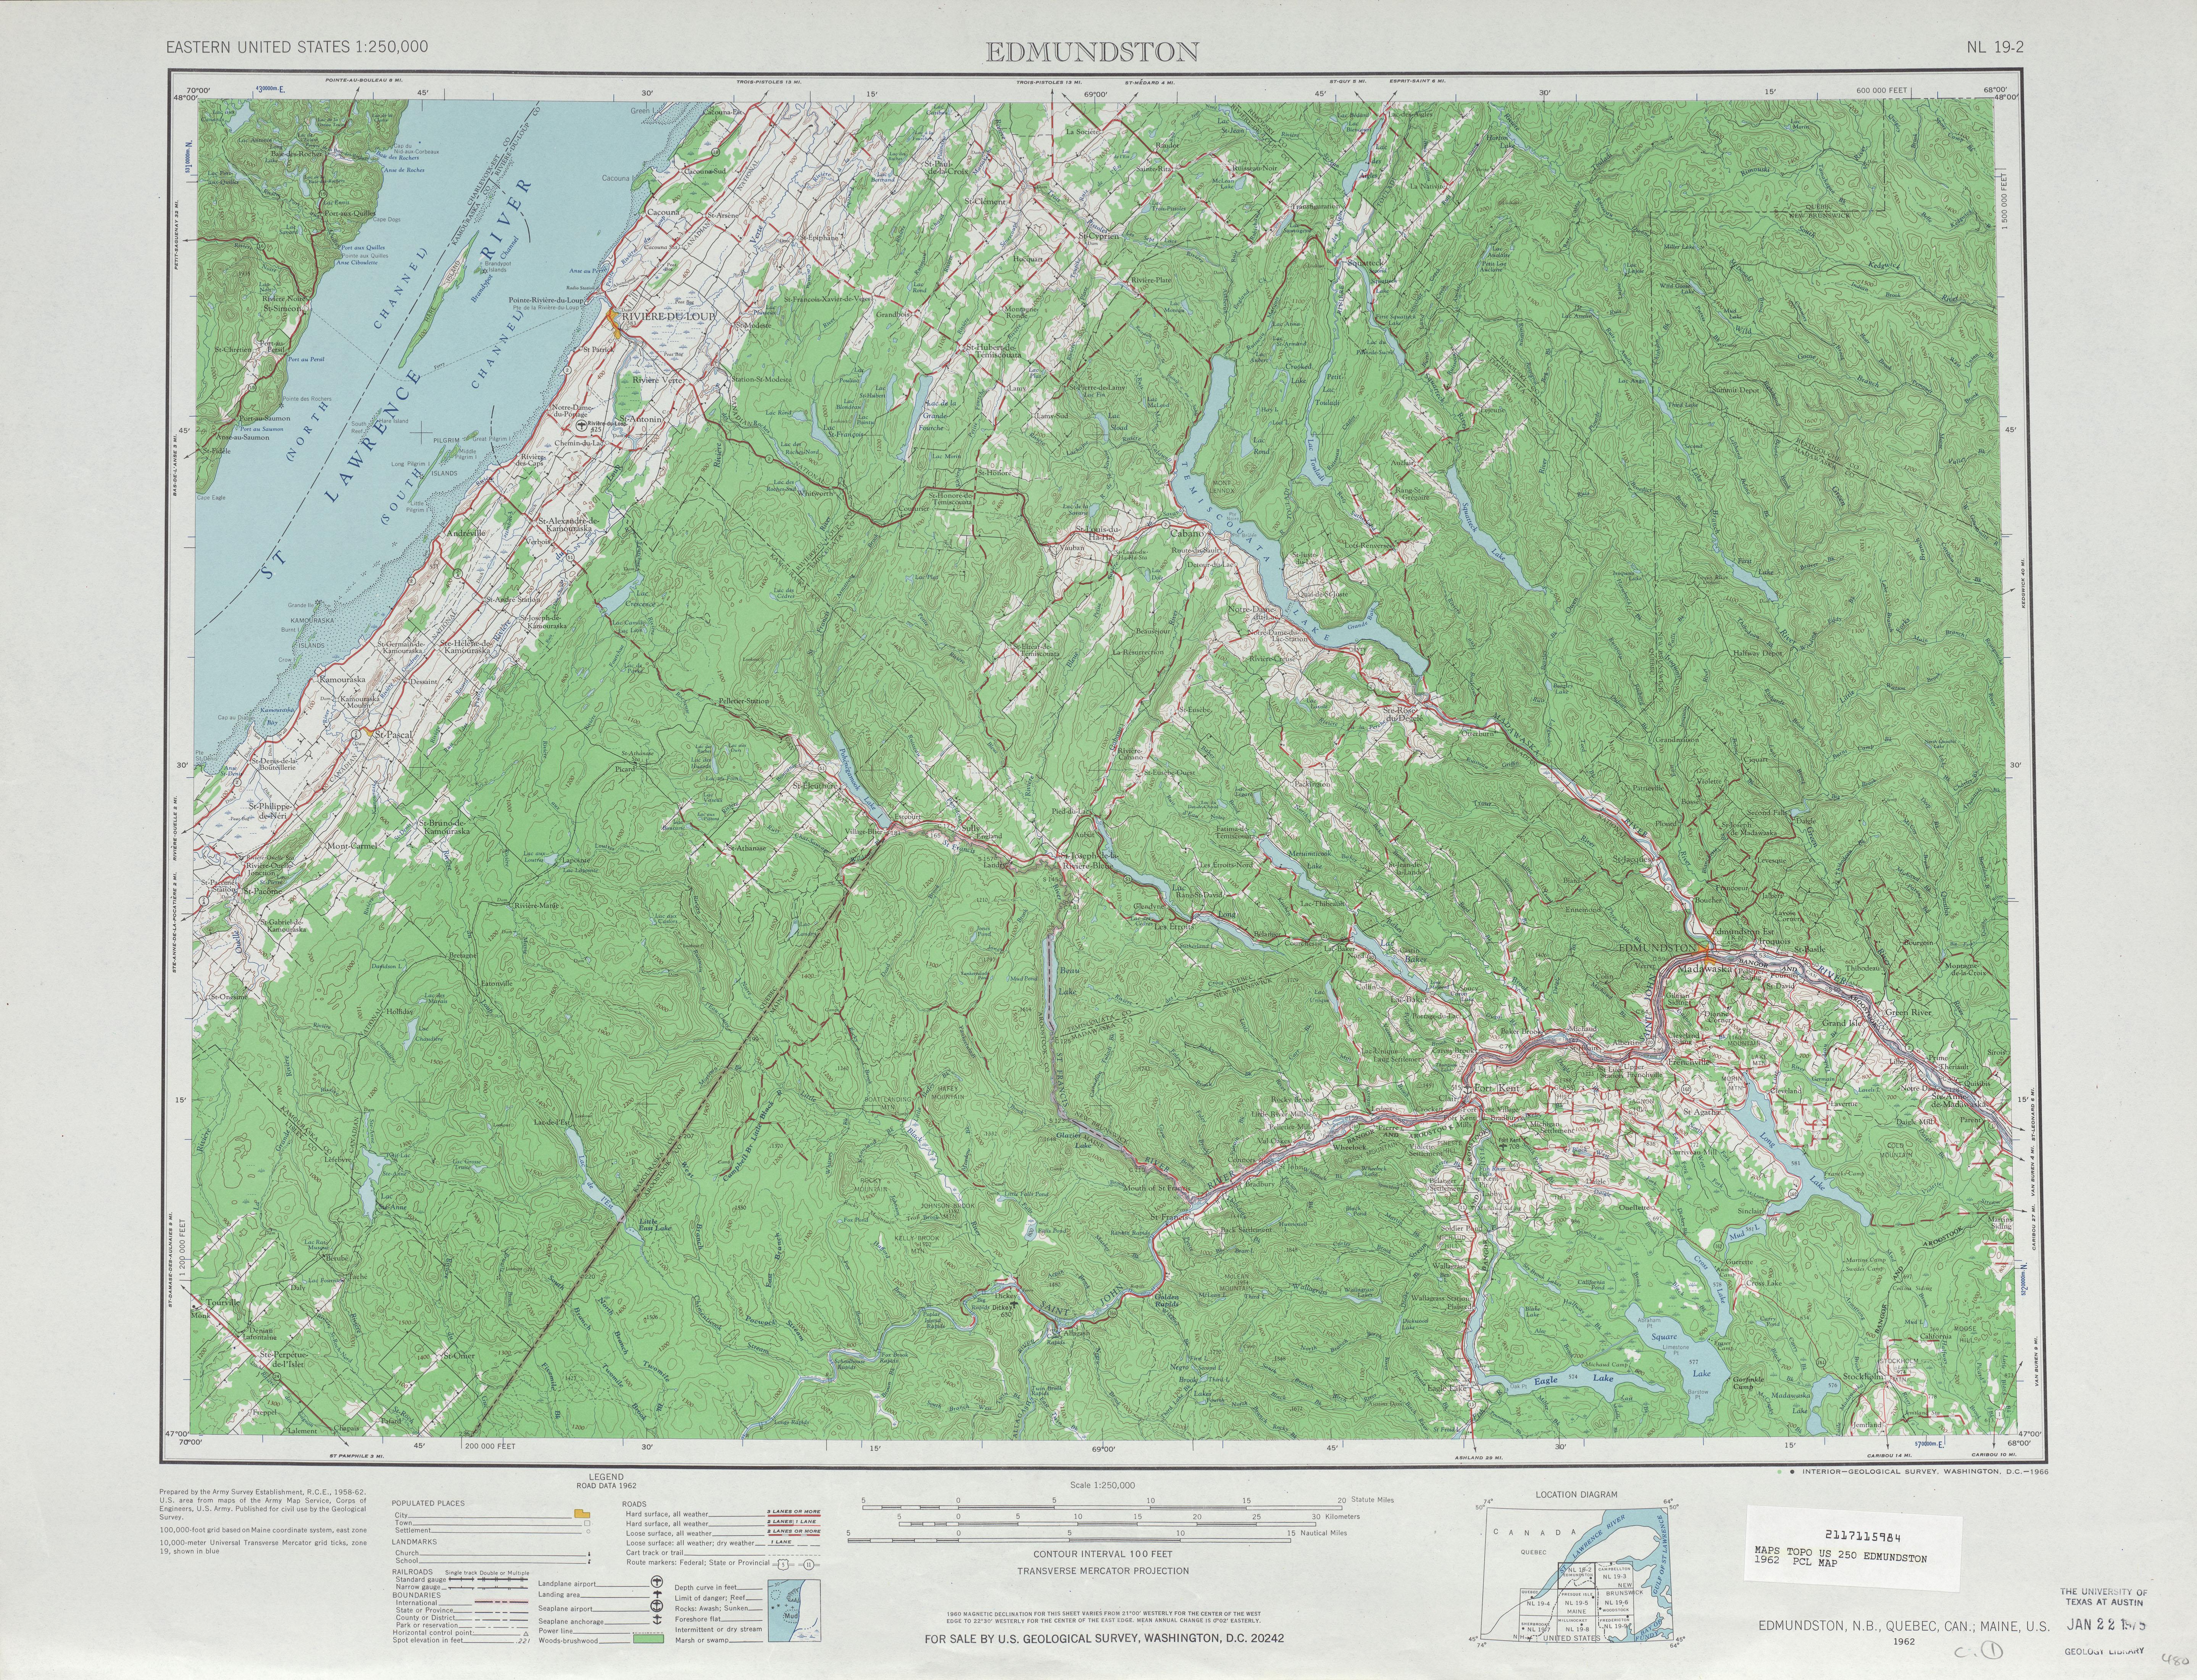 Edmundston Topographic Map Sheet, United States 1962